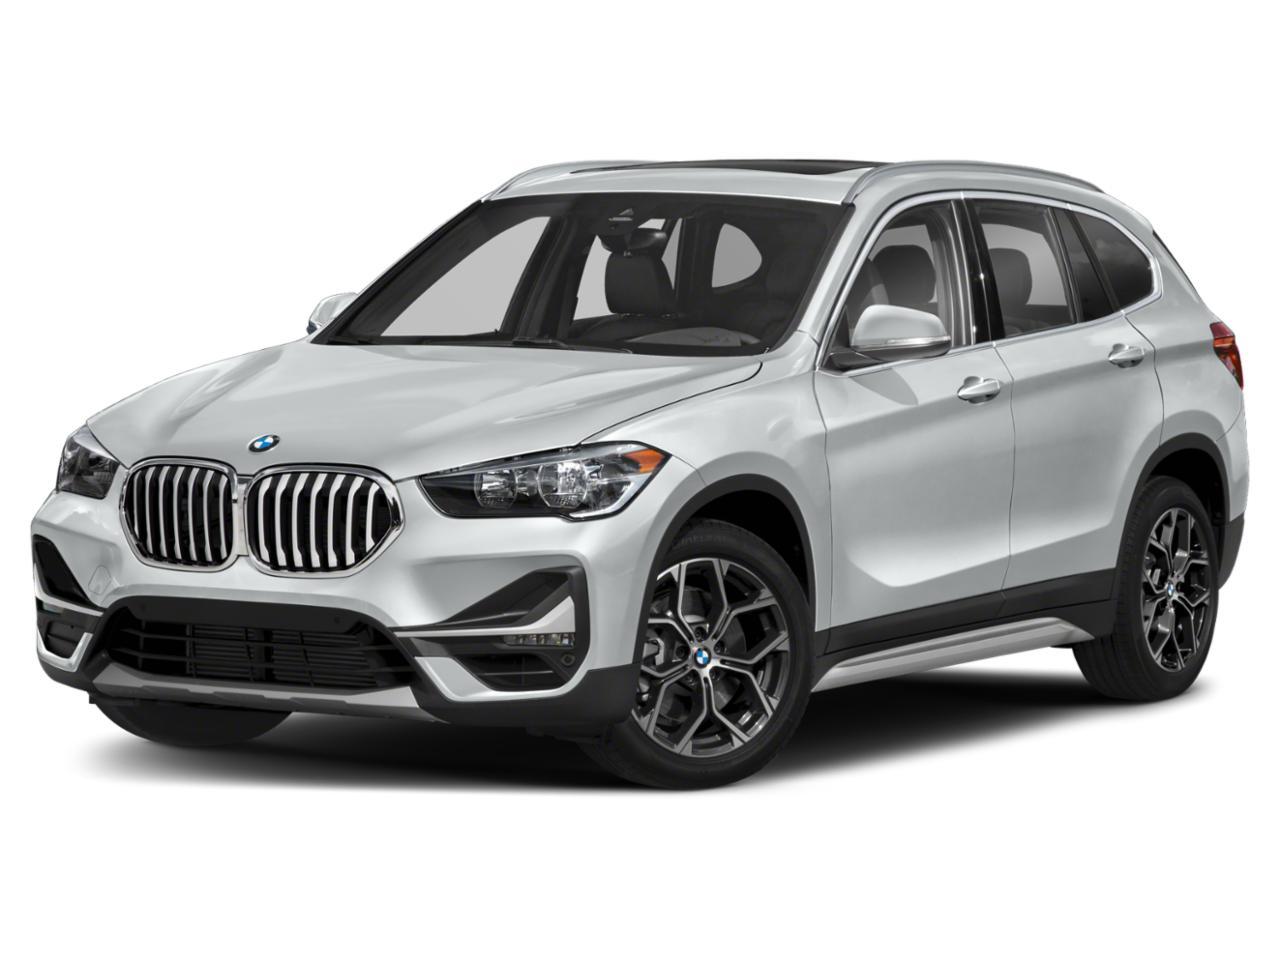 2020 BMW X1 xDrive28i Vehicle Photo in Appleton, WI 54913